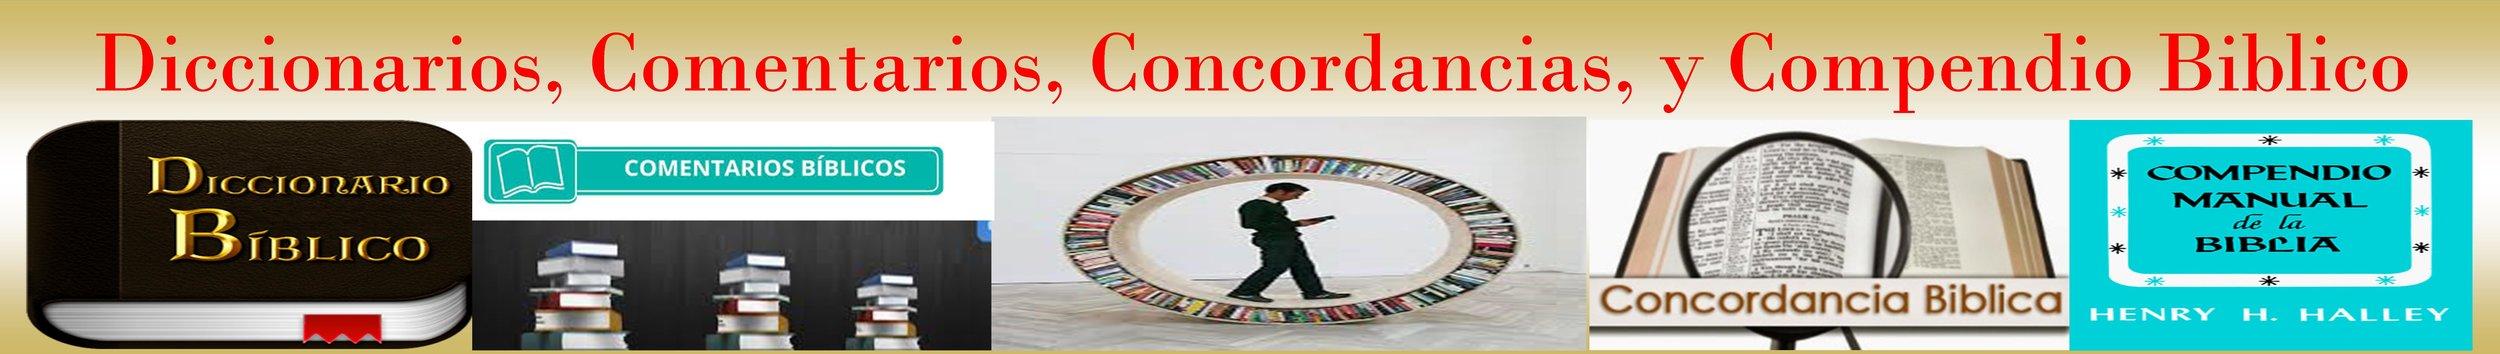 Diccionarios, Comentarios, Concordancias y Compendio.jpg